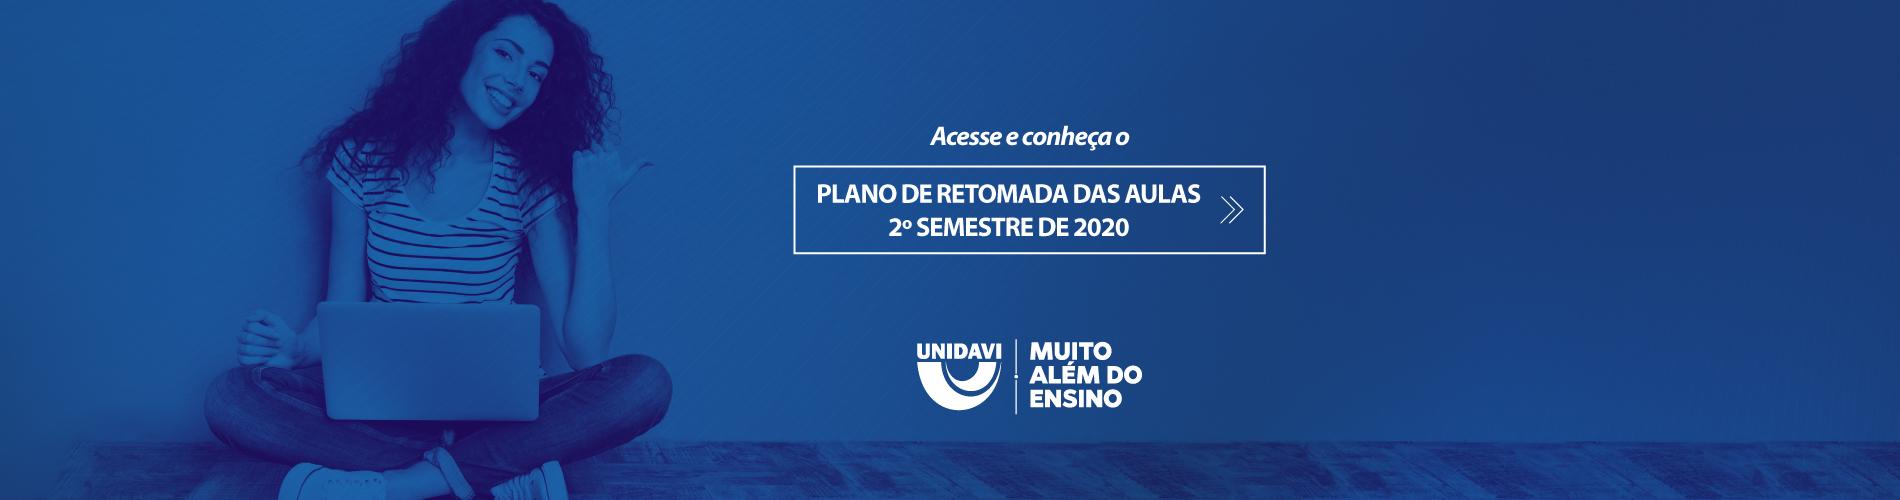 PLANO RETOMADA DAS AULAS 2/2020